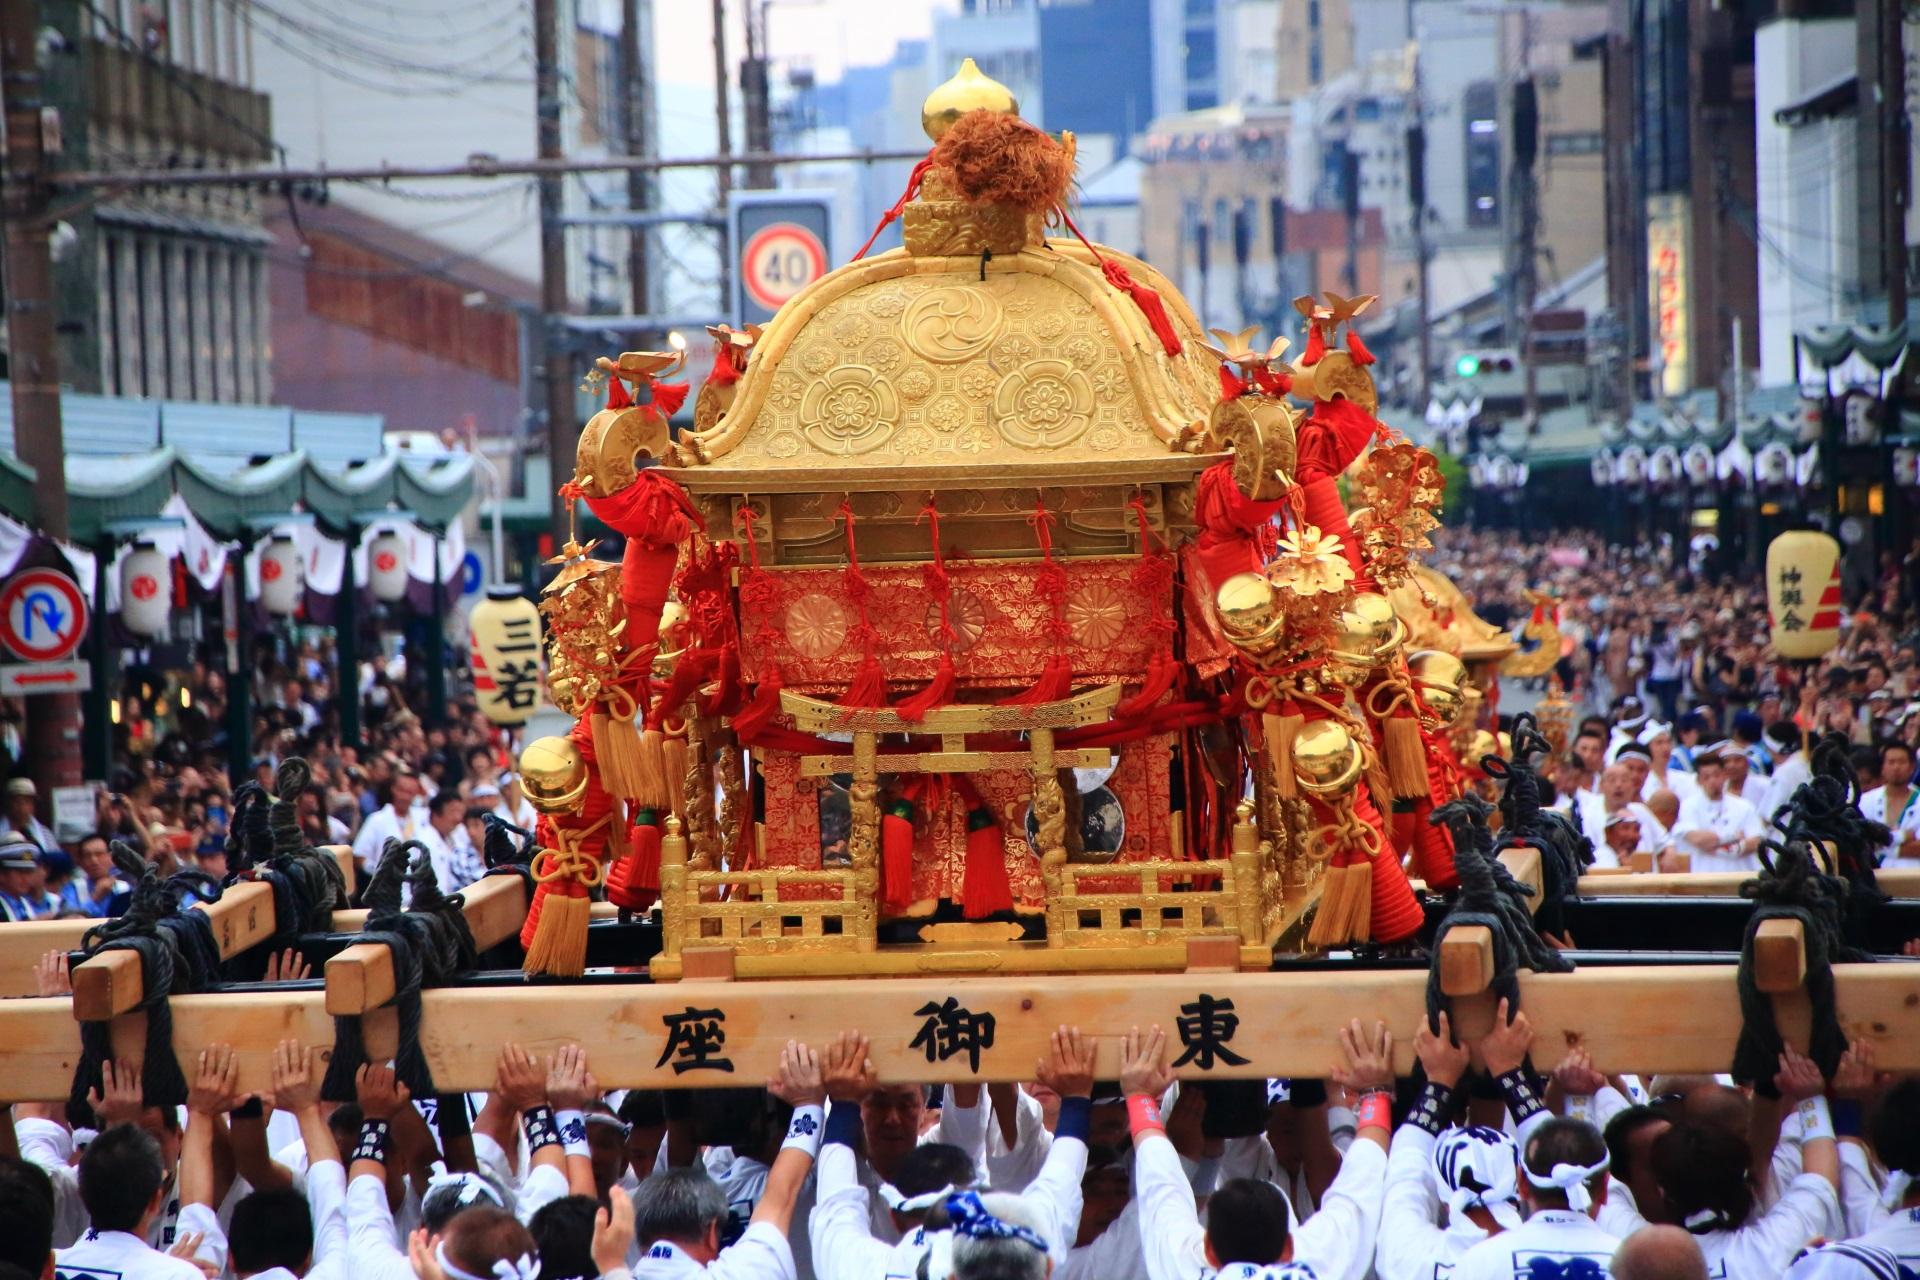 御祭神は櫛稲田姫命(くしいなだひめのみこと)の東御座神輿